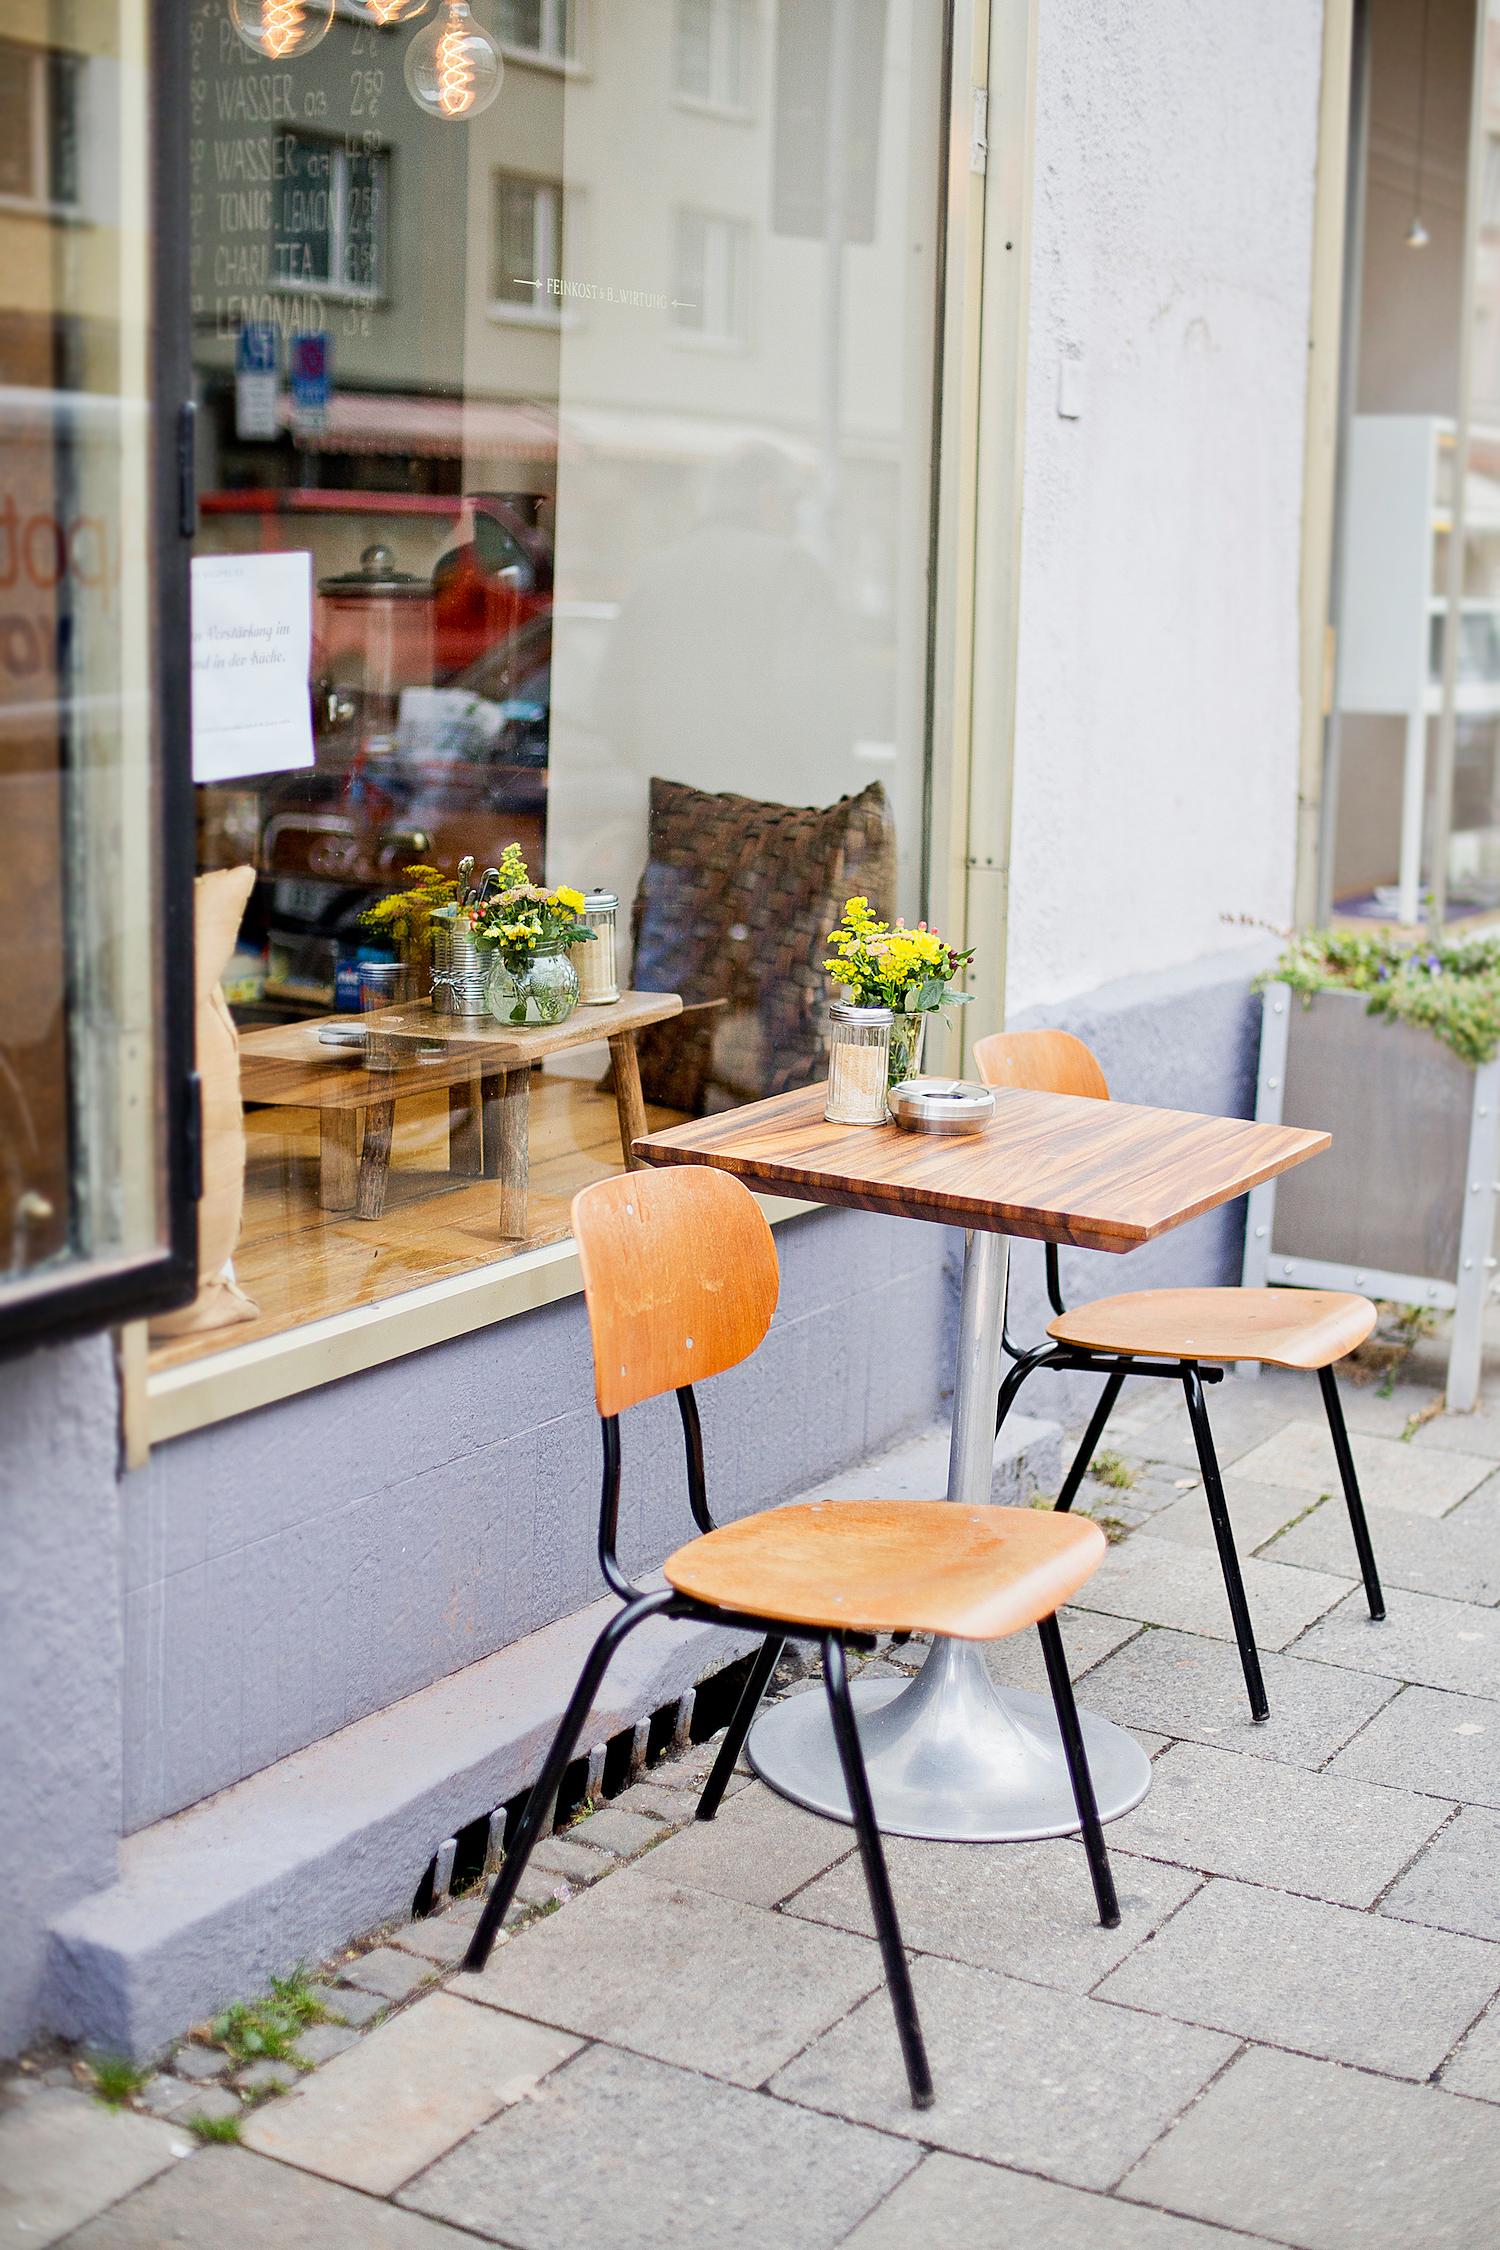 waldmeister münchen | The Golden Bun, Restaurants in Munich, Restaurants in München, Essen in München Eating in Munich, Munich Food